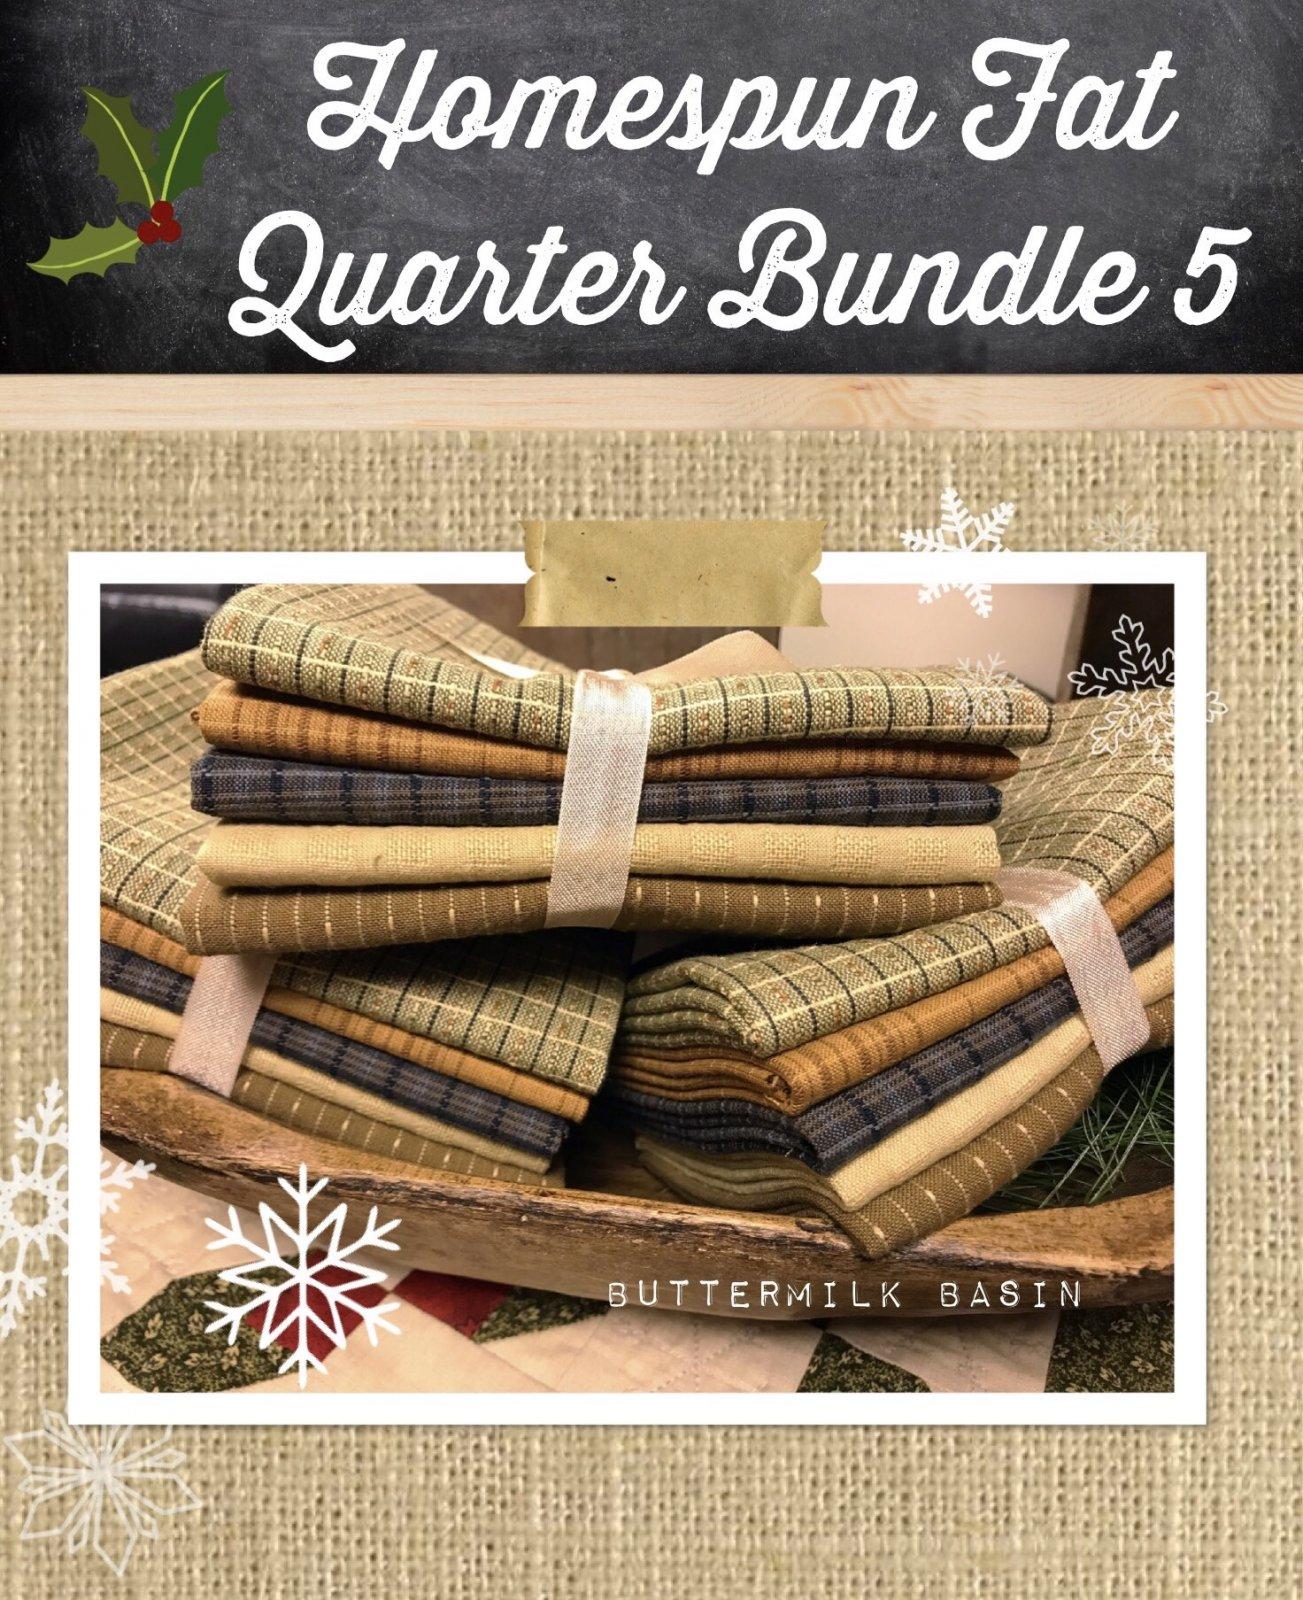 Homespun Fat Quarter Bundle 5